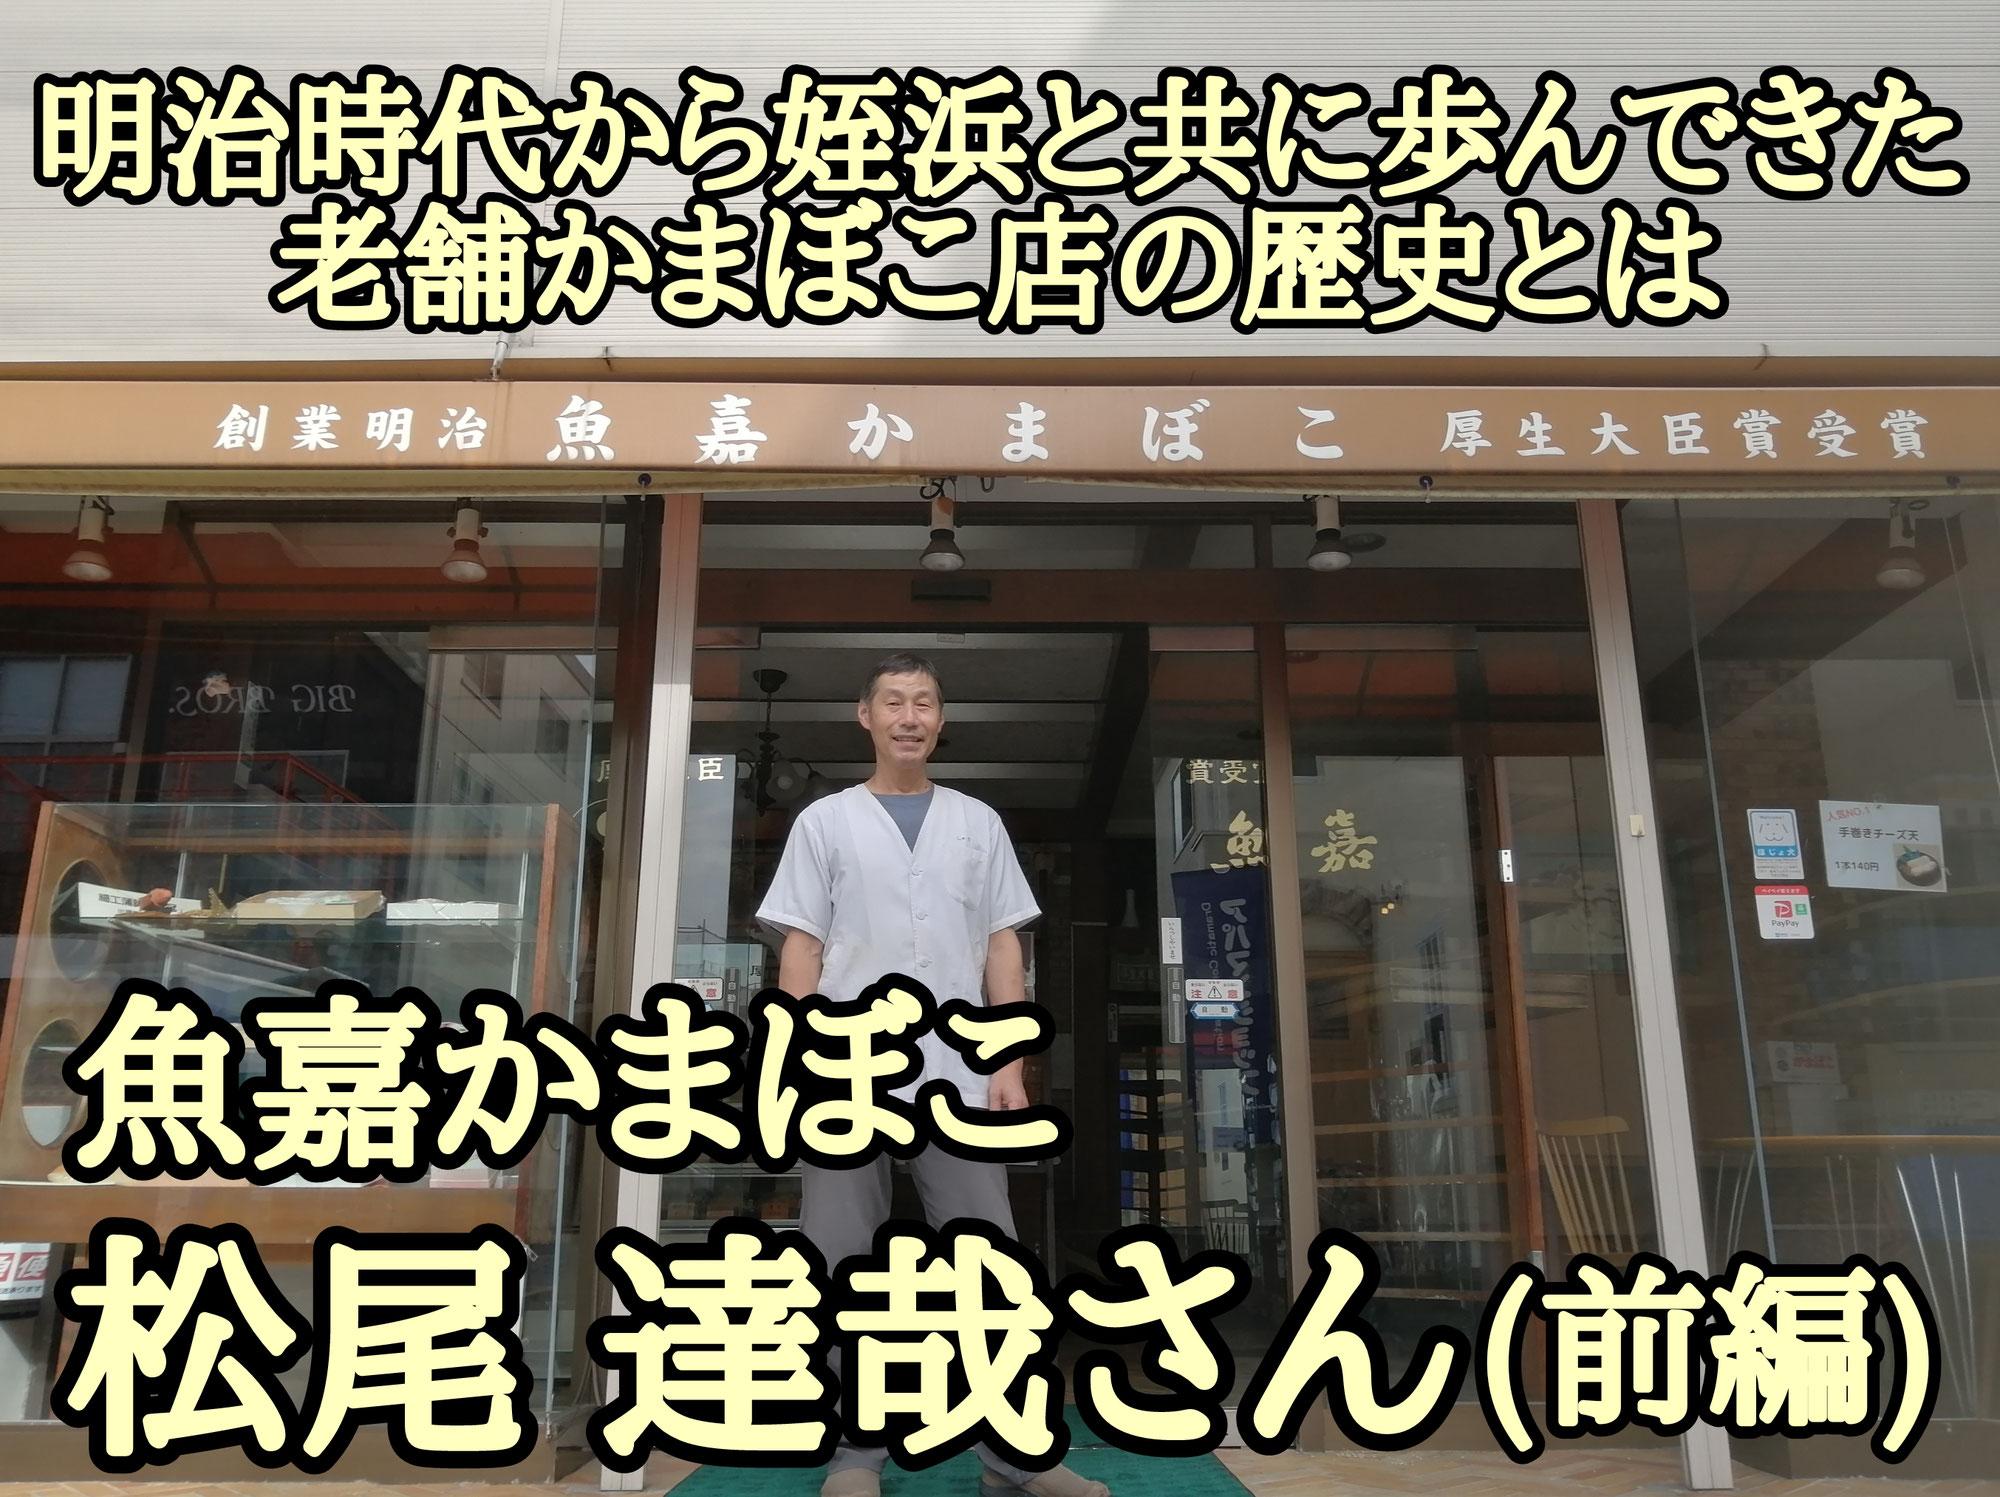 魚嘉かまぼこ 松尾 達哉さん┃明治時代から姪浜共に歩んできた老舗かまぼこ店の歴史とは(前編)